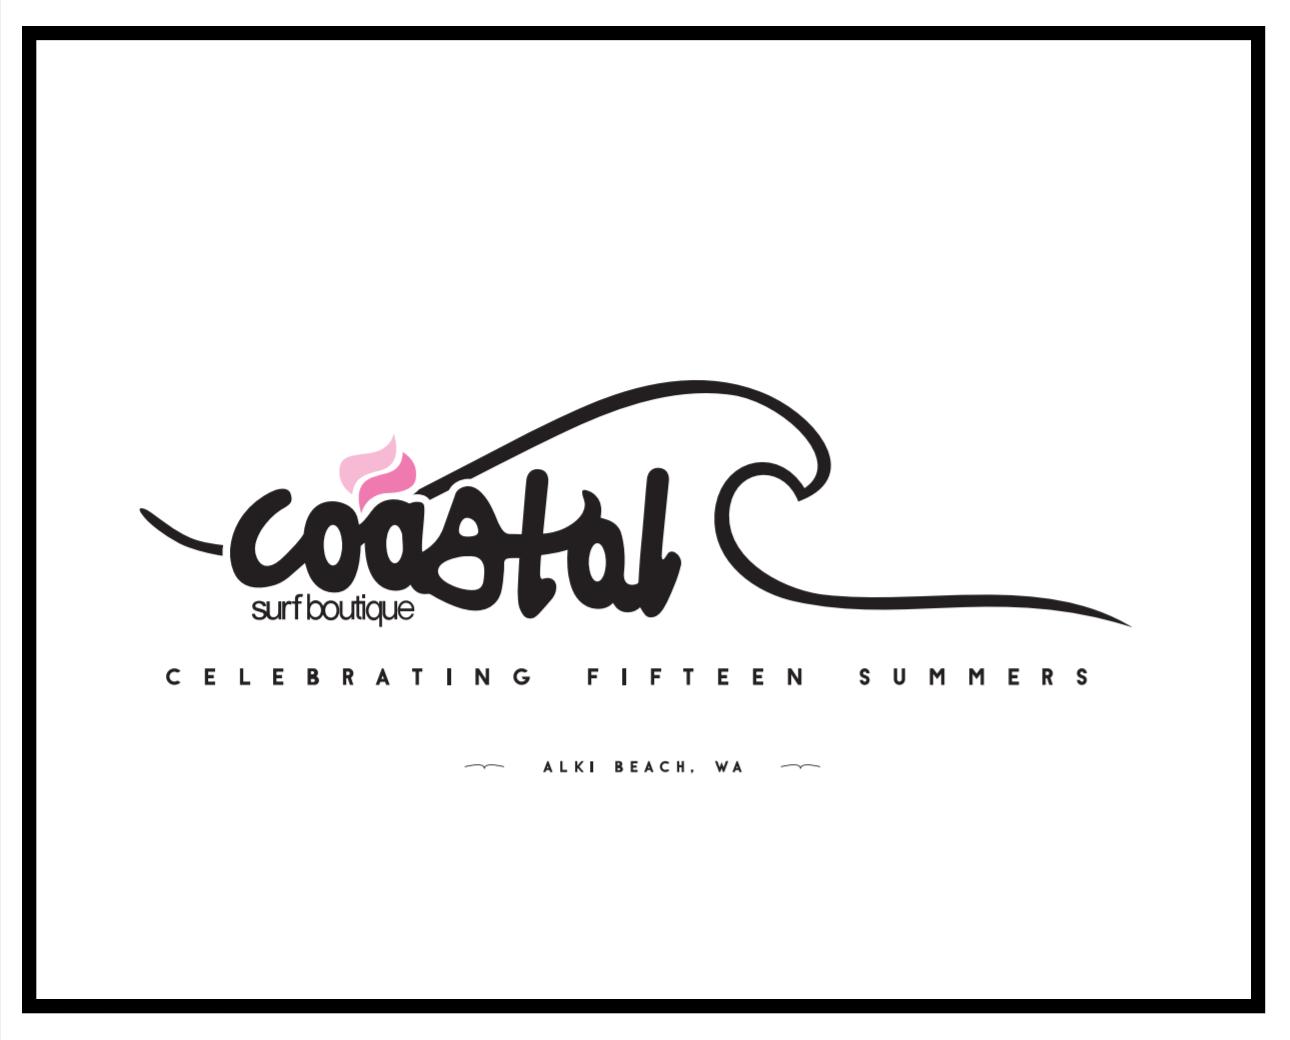 Coastal 15 Yr Logo.PNG